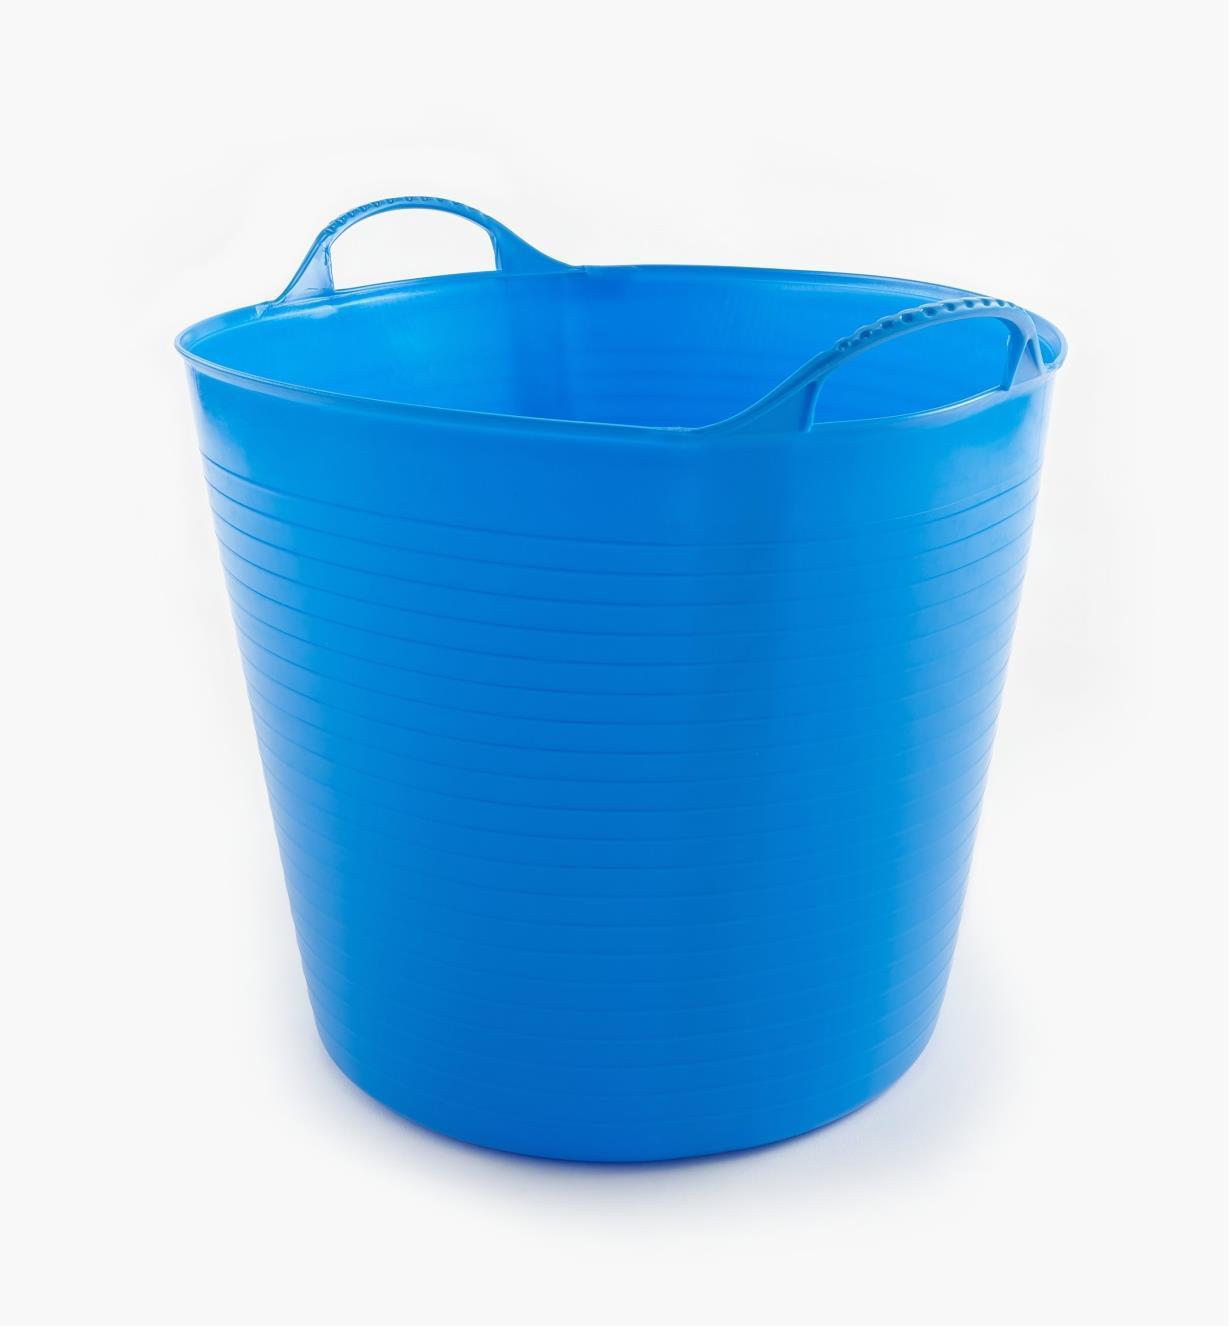 WT630 - Panier bleu – 26L, l'unité